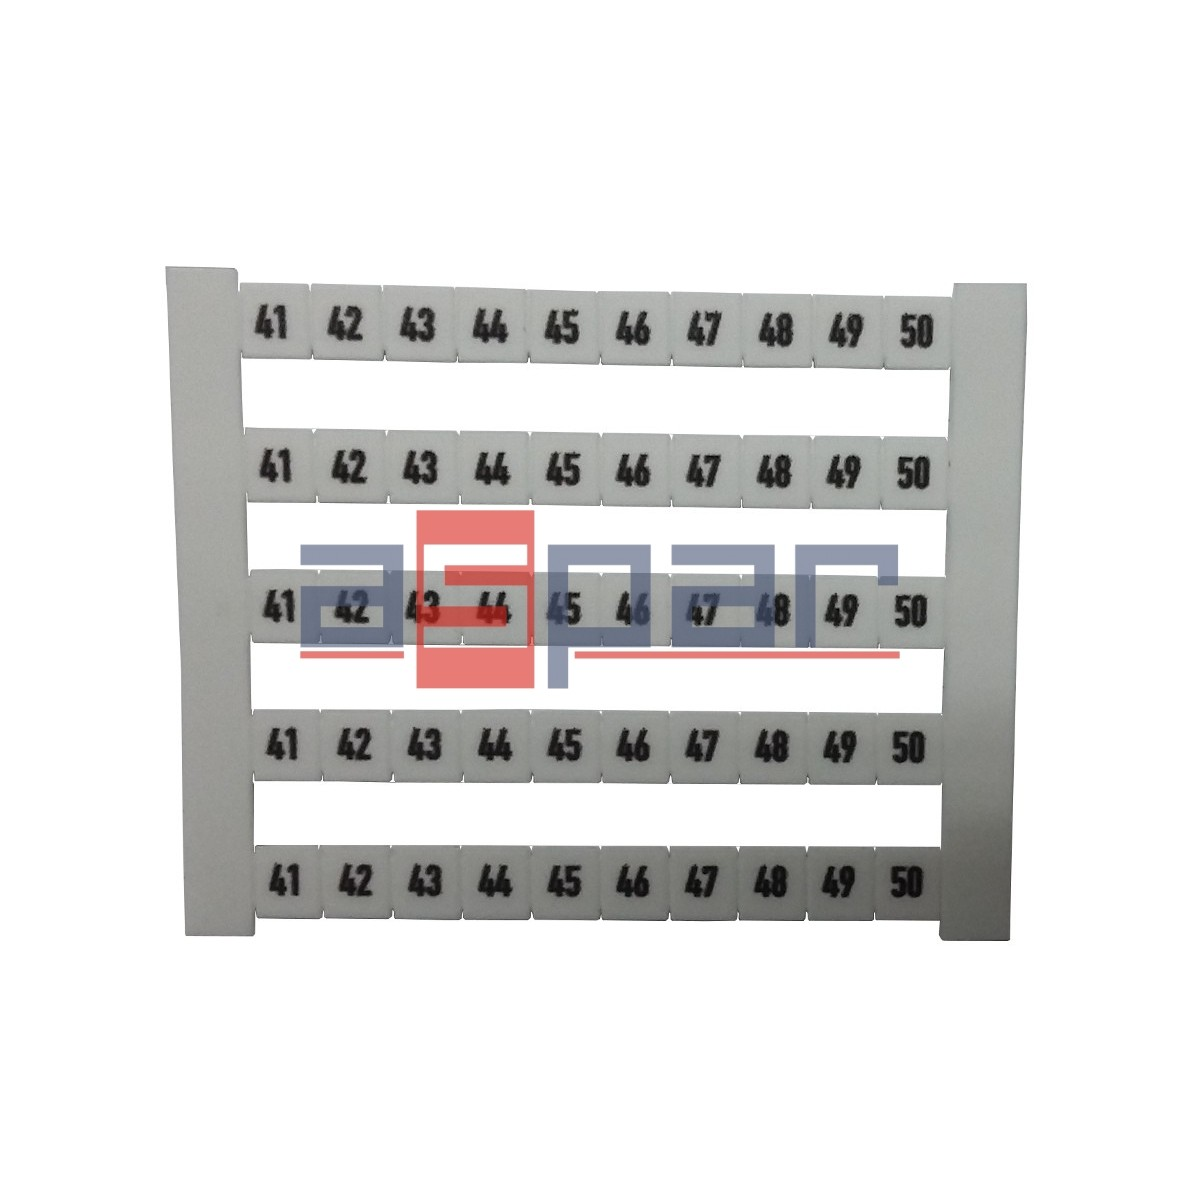 Oznacznik poziomy DEK 5 FWZ 41-50, 0523060041